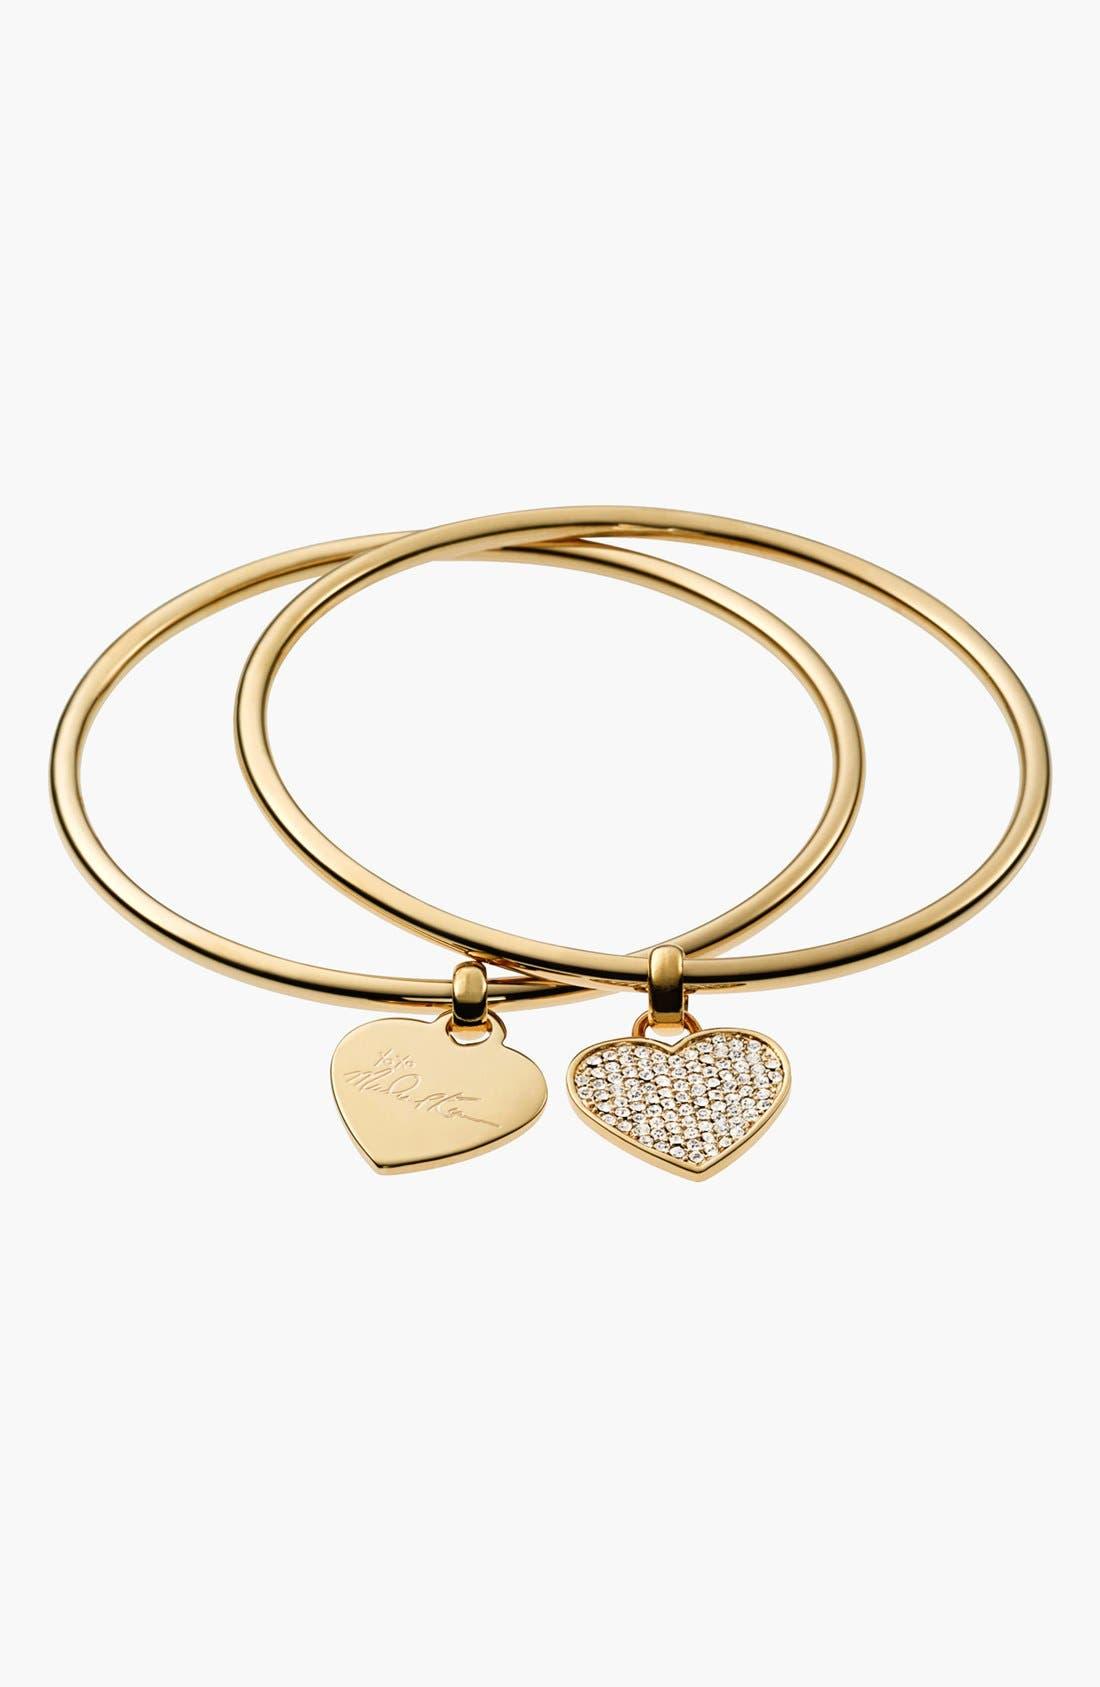 Main Image - Michael Kors Boxed Heart Charm Bangles (Set of 2)